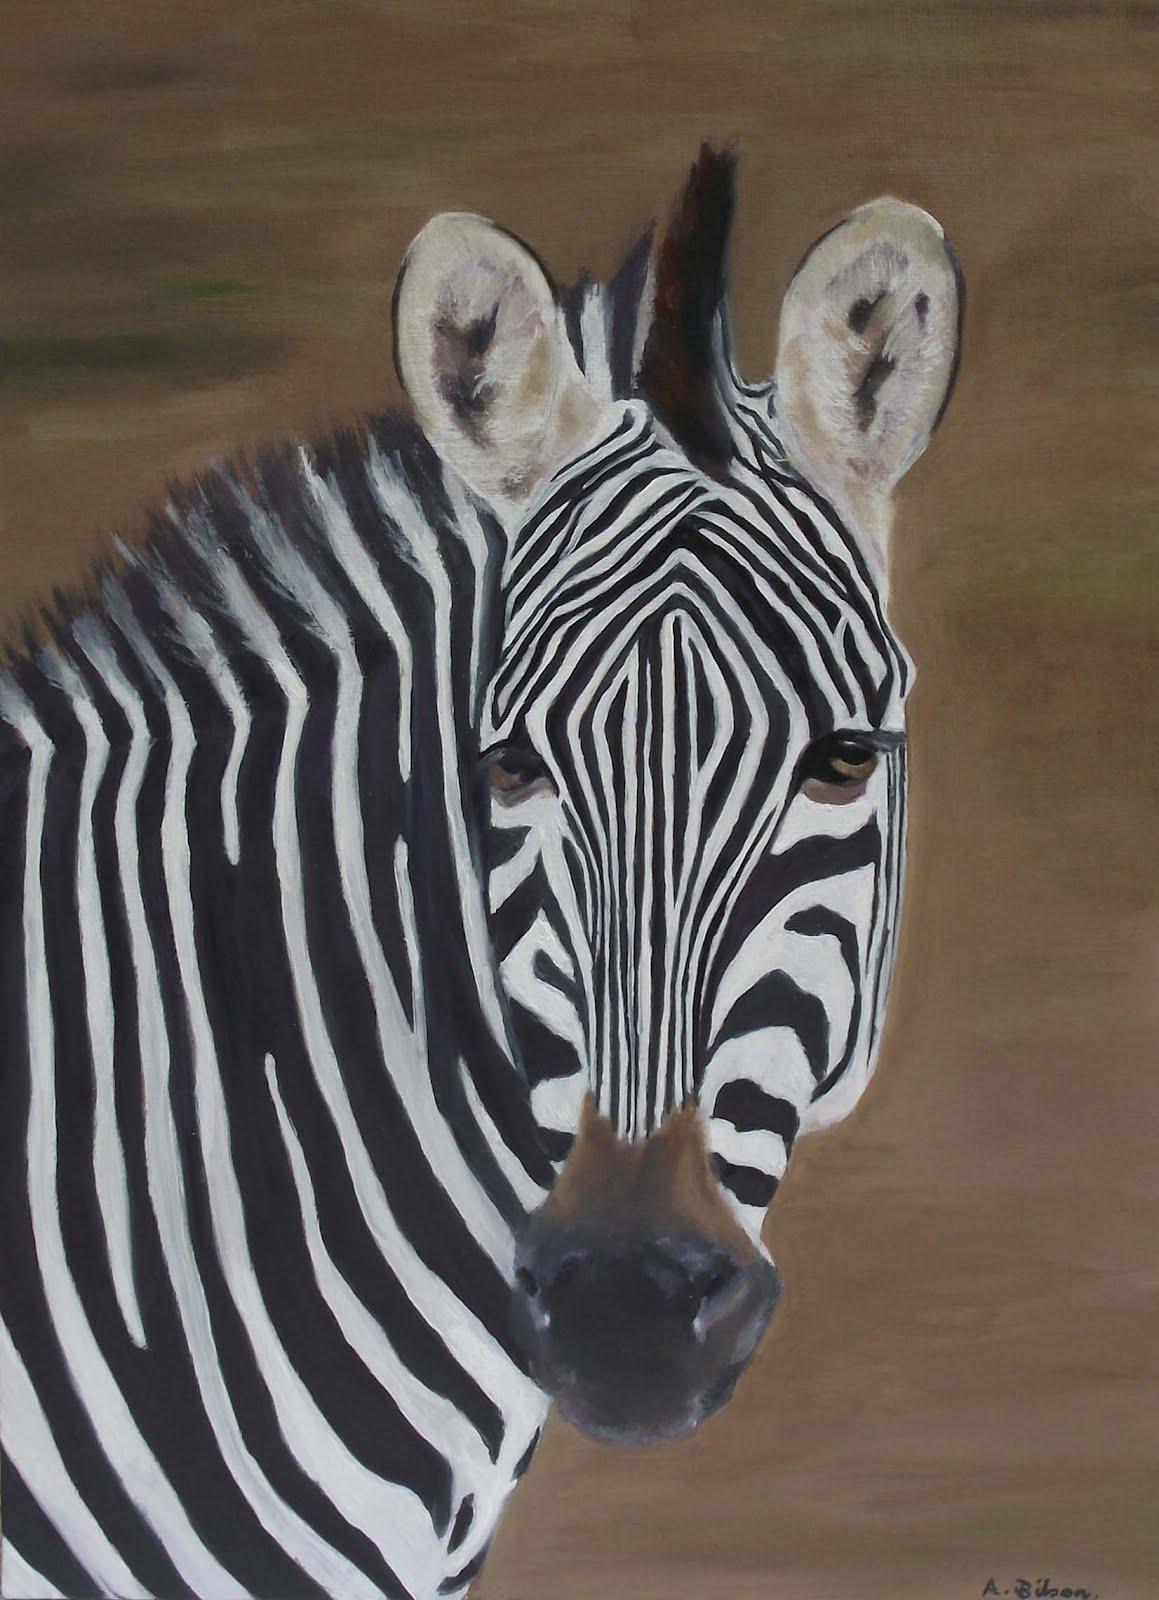 gambar hewan - foto zebra